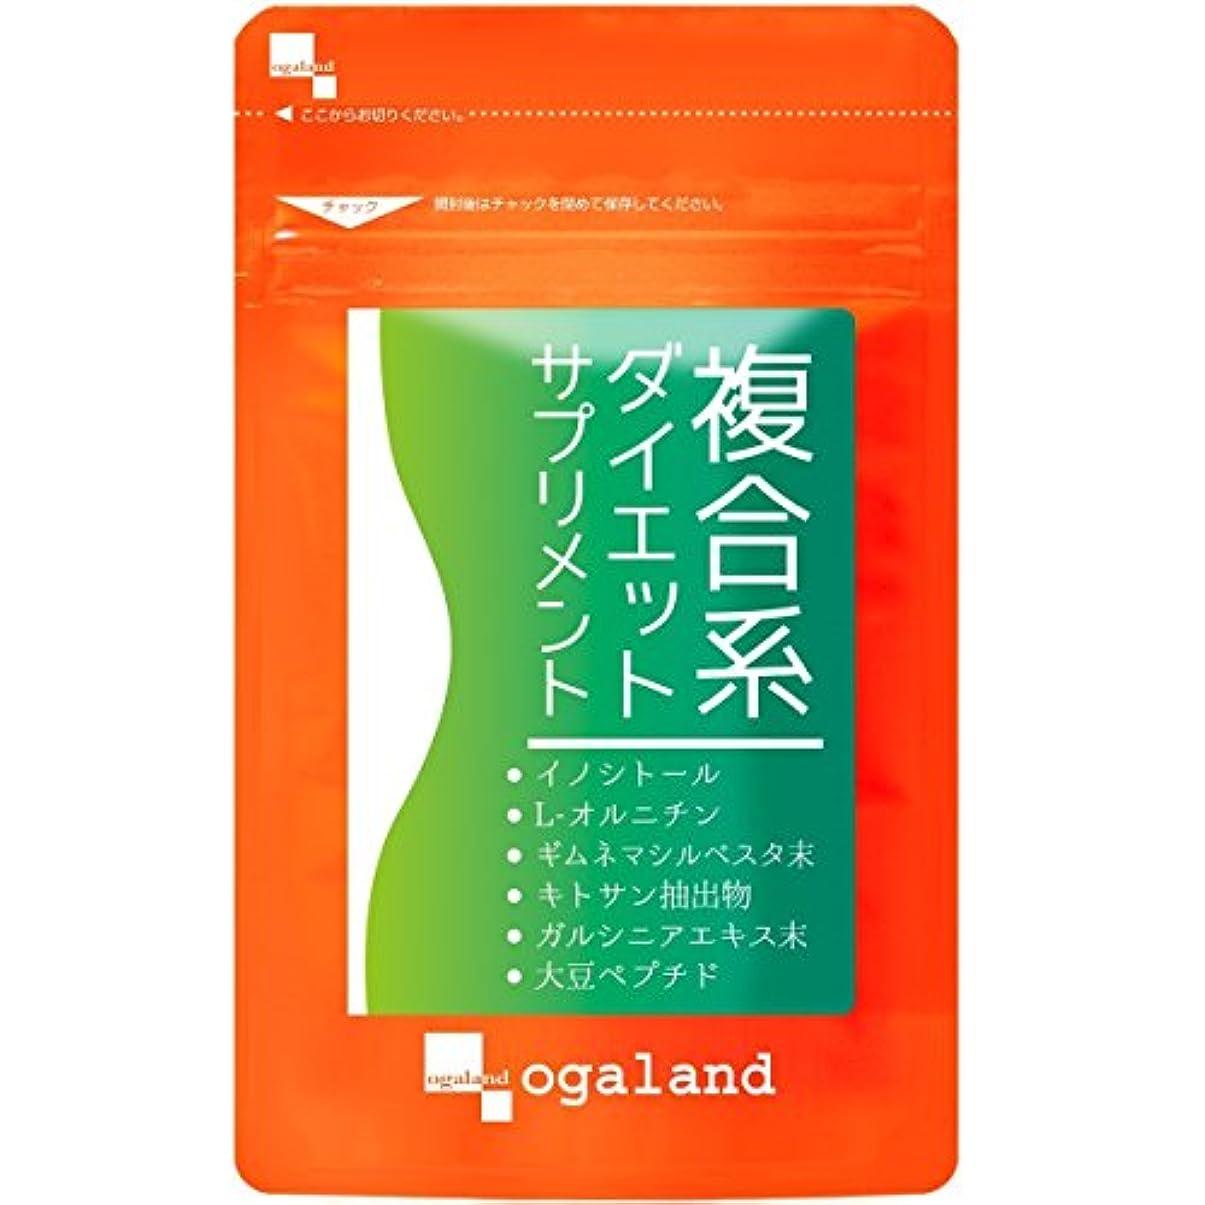 控える勇気のあるスロー【Amazon.co.jp限定】複合系ダイエットサプリメント 90粒